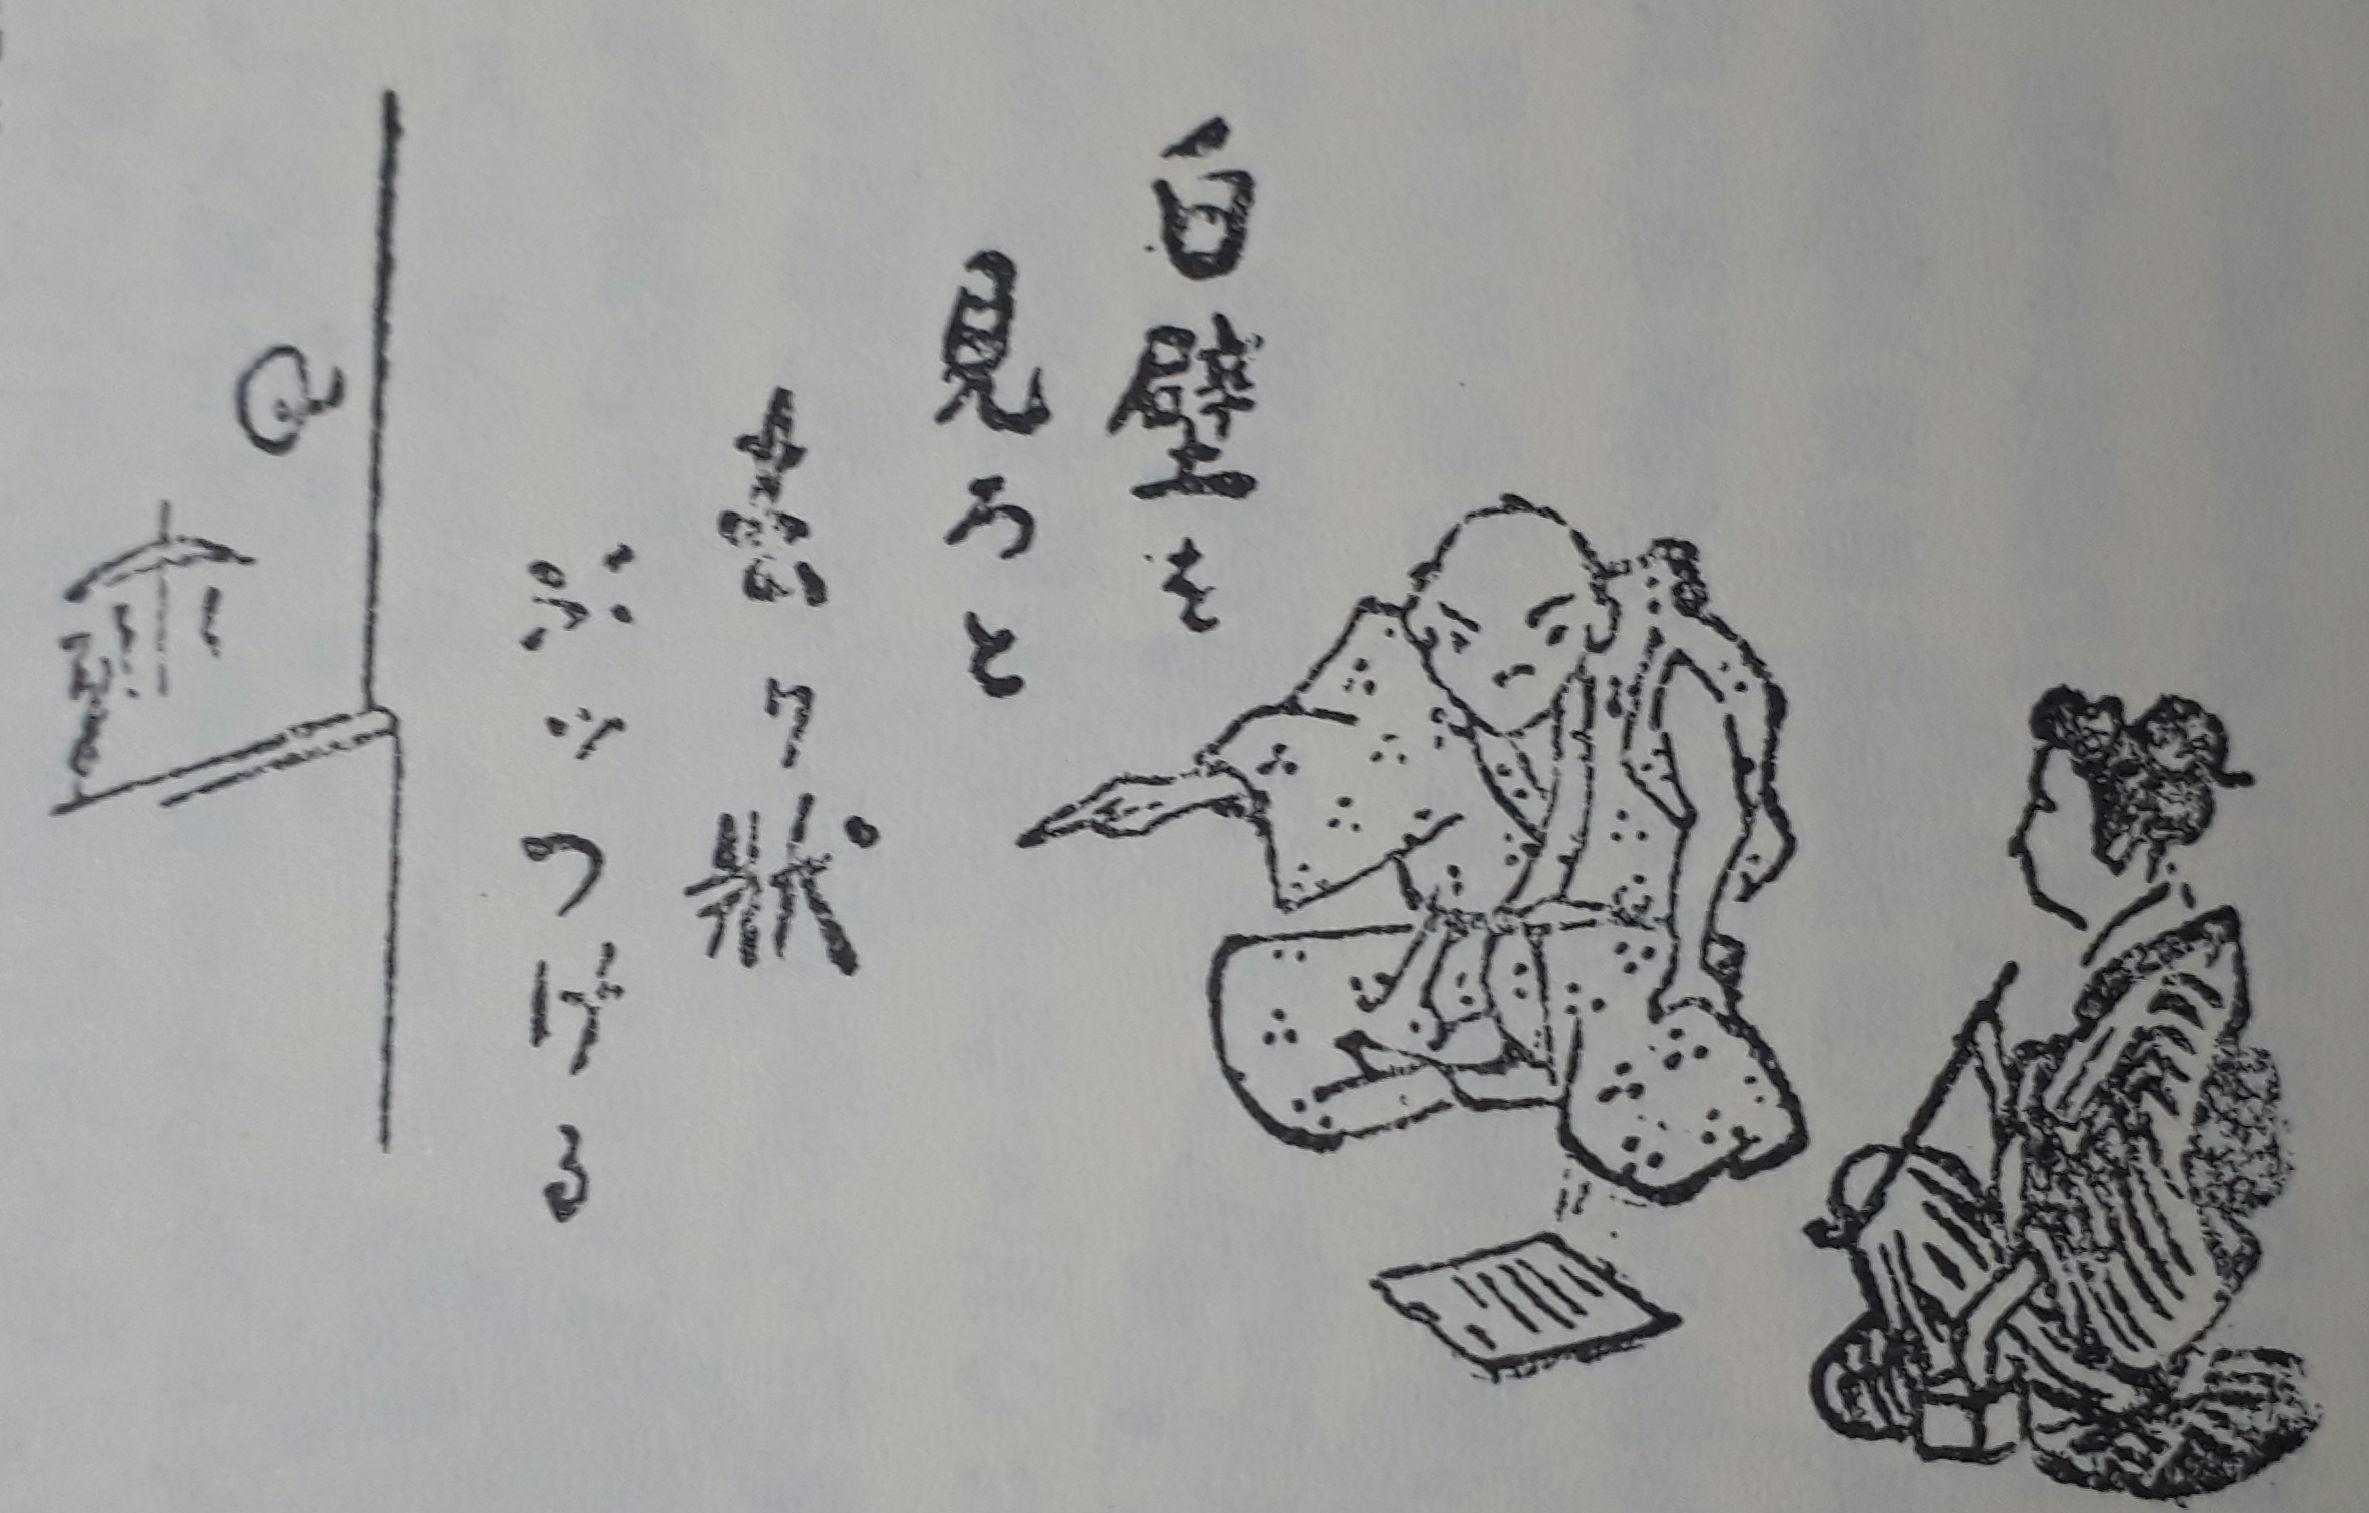 【江戸時代】相合傘の研究(というほどではなく今まで散発的にメモしたものをまとめました)【番傘か蝙蝠か】_b0116271_22103144.jpg